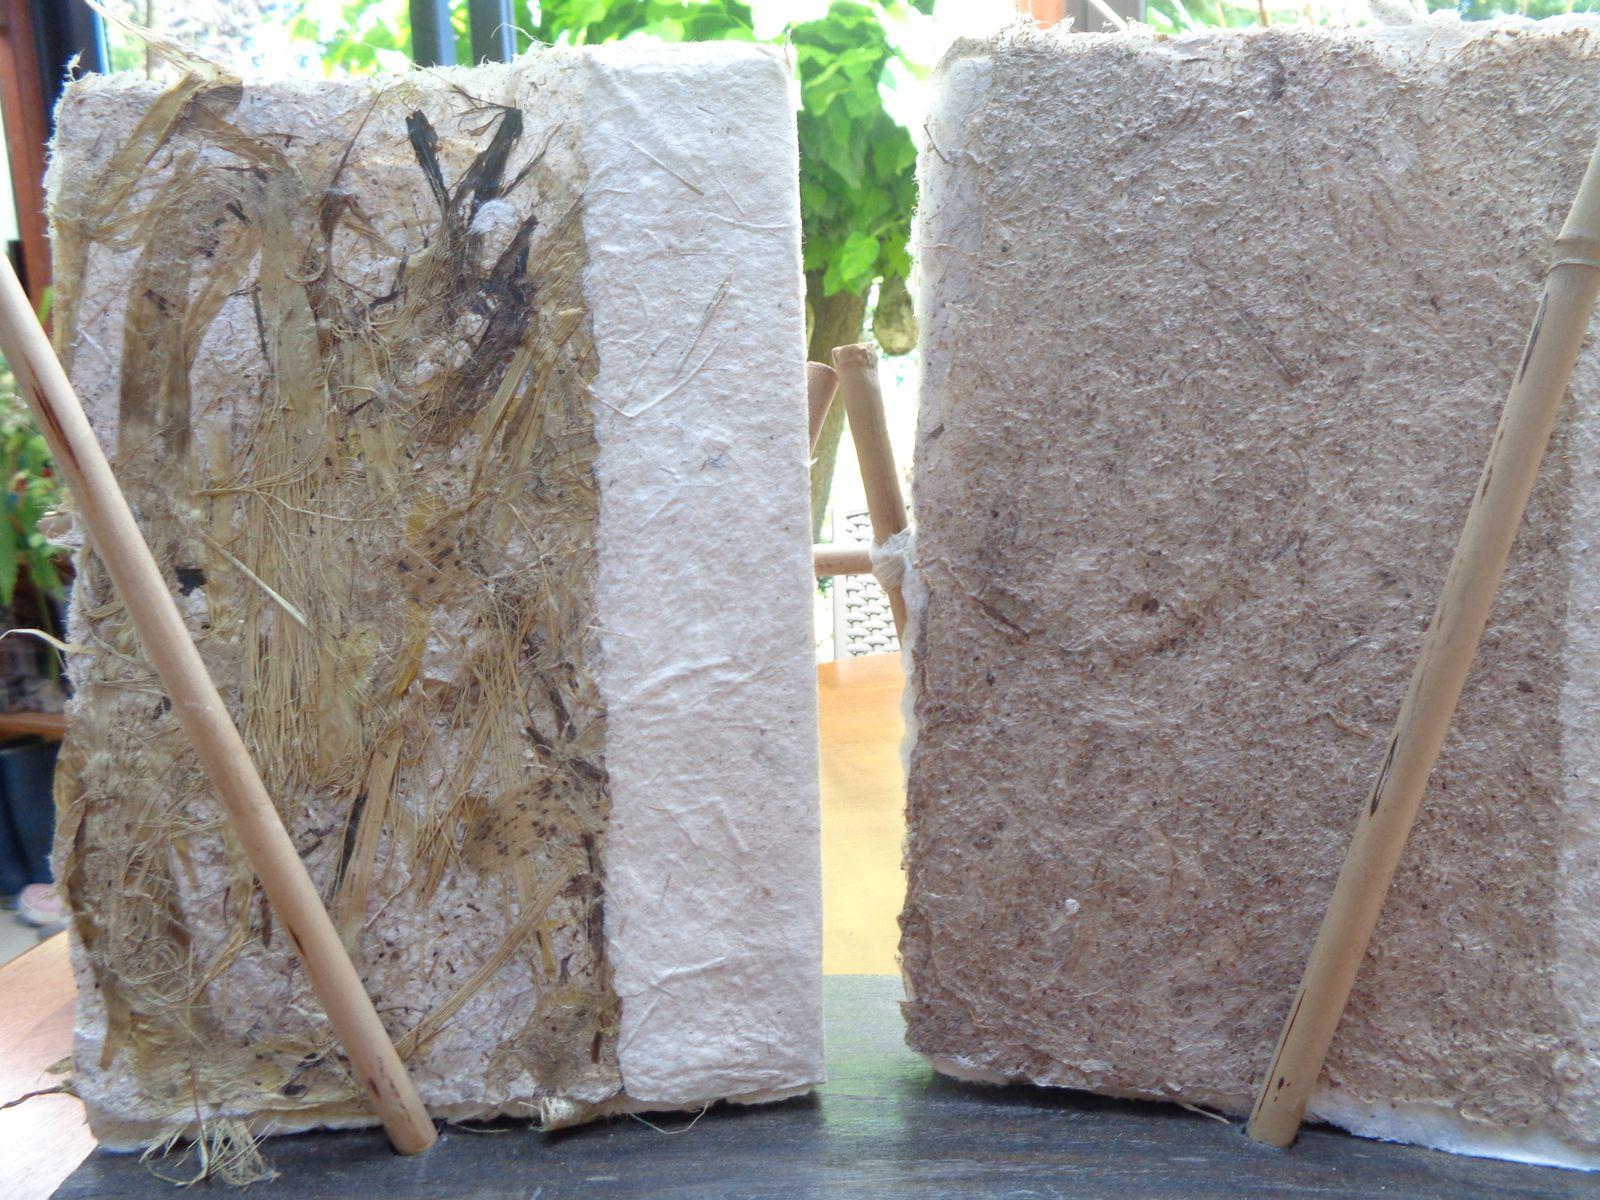 changement de format, dominante mûrier et bambou, chanvre........